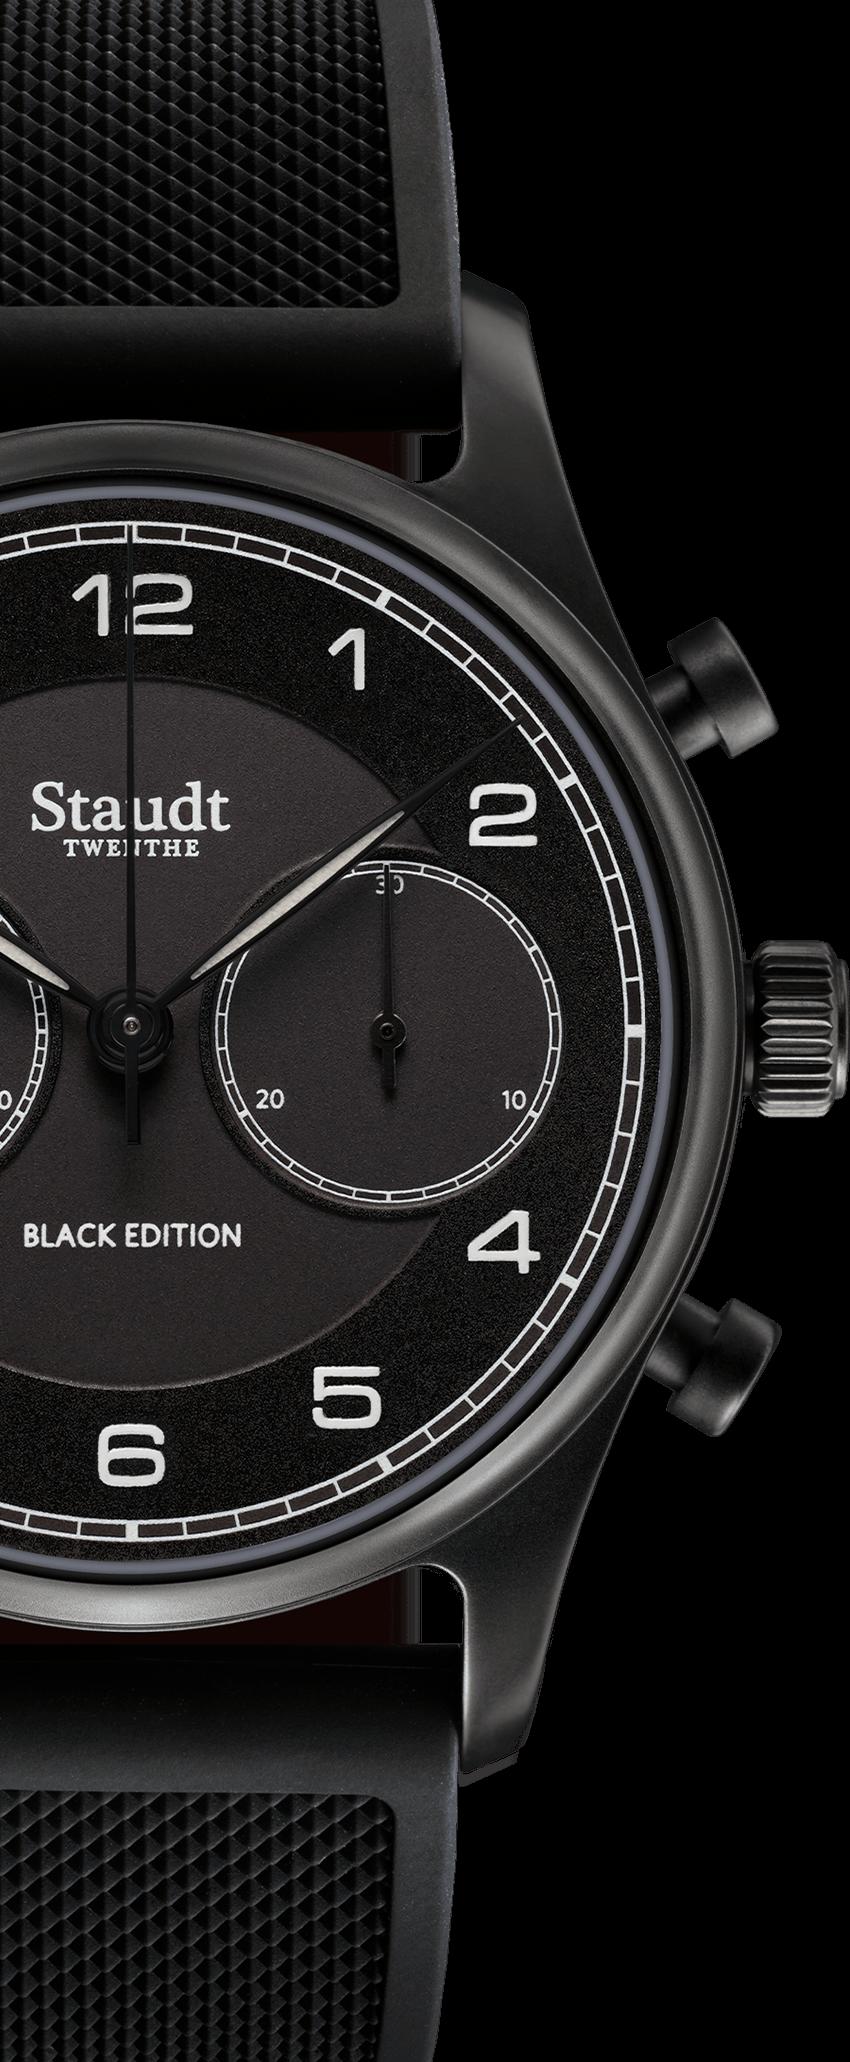 Staudt Praeludium Chronograph Black Edition5